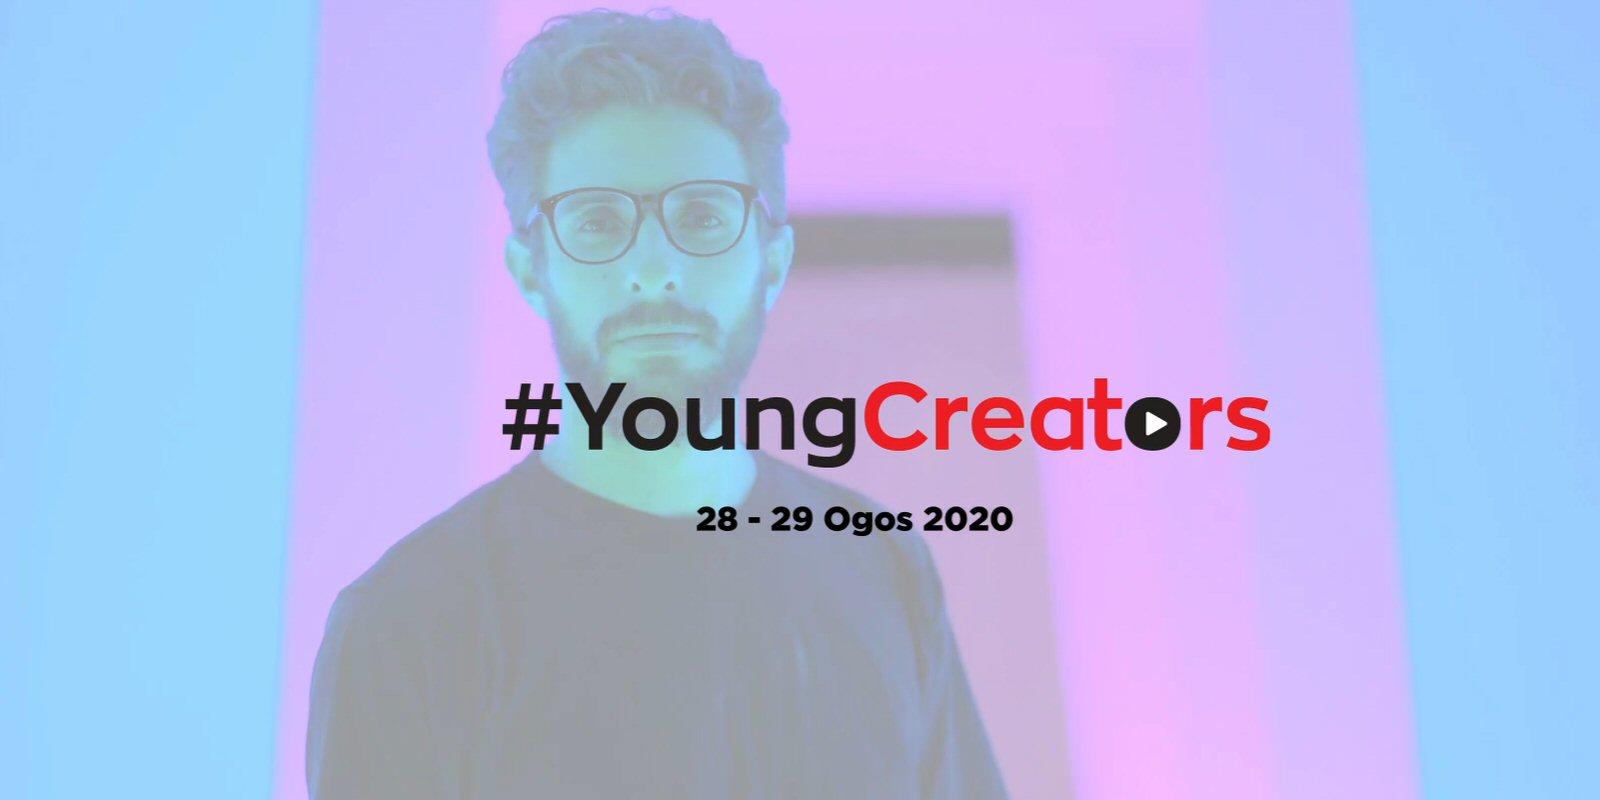 MDEC #YoungCreators